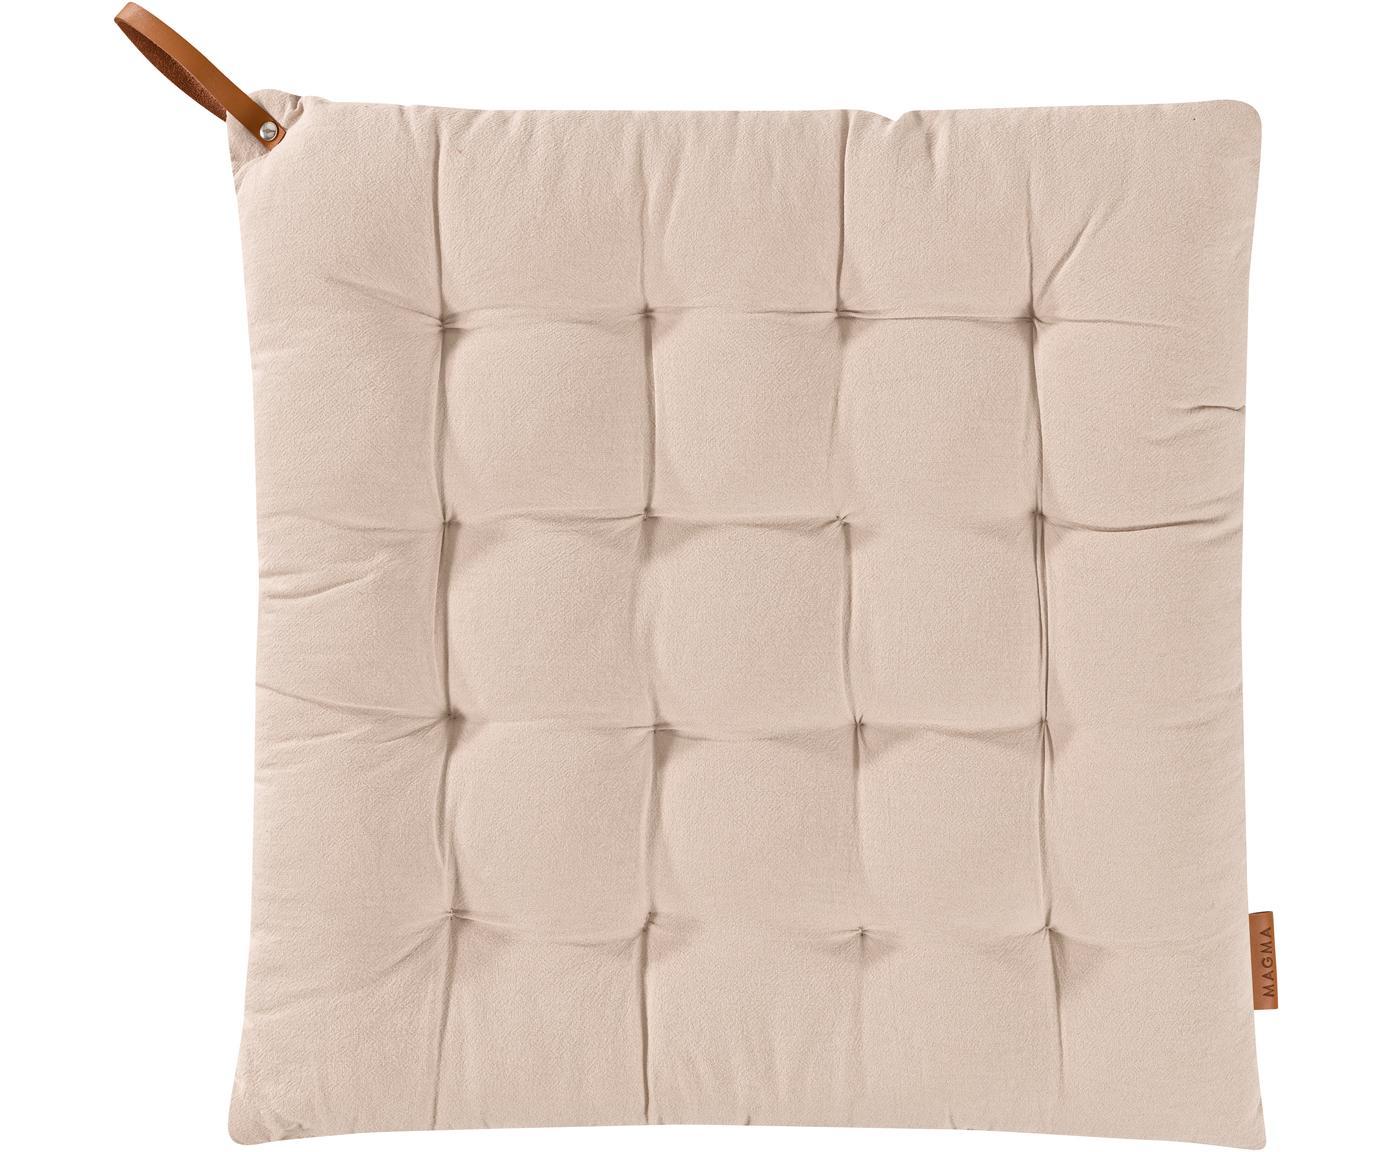 Poduszka na siedzisko Billie, Bawełna, Beżowy, S 40 x D 40 cm